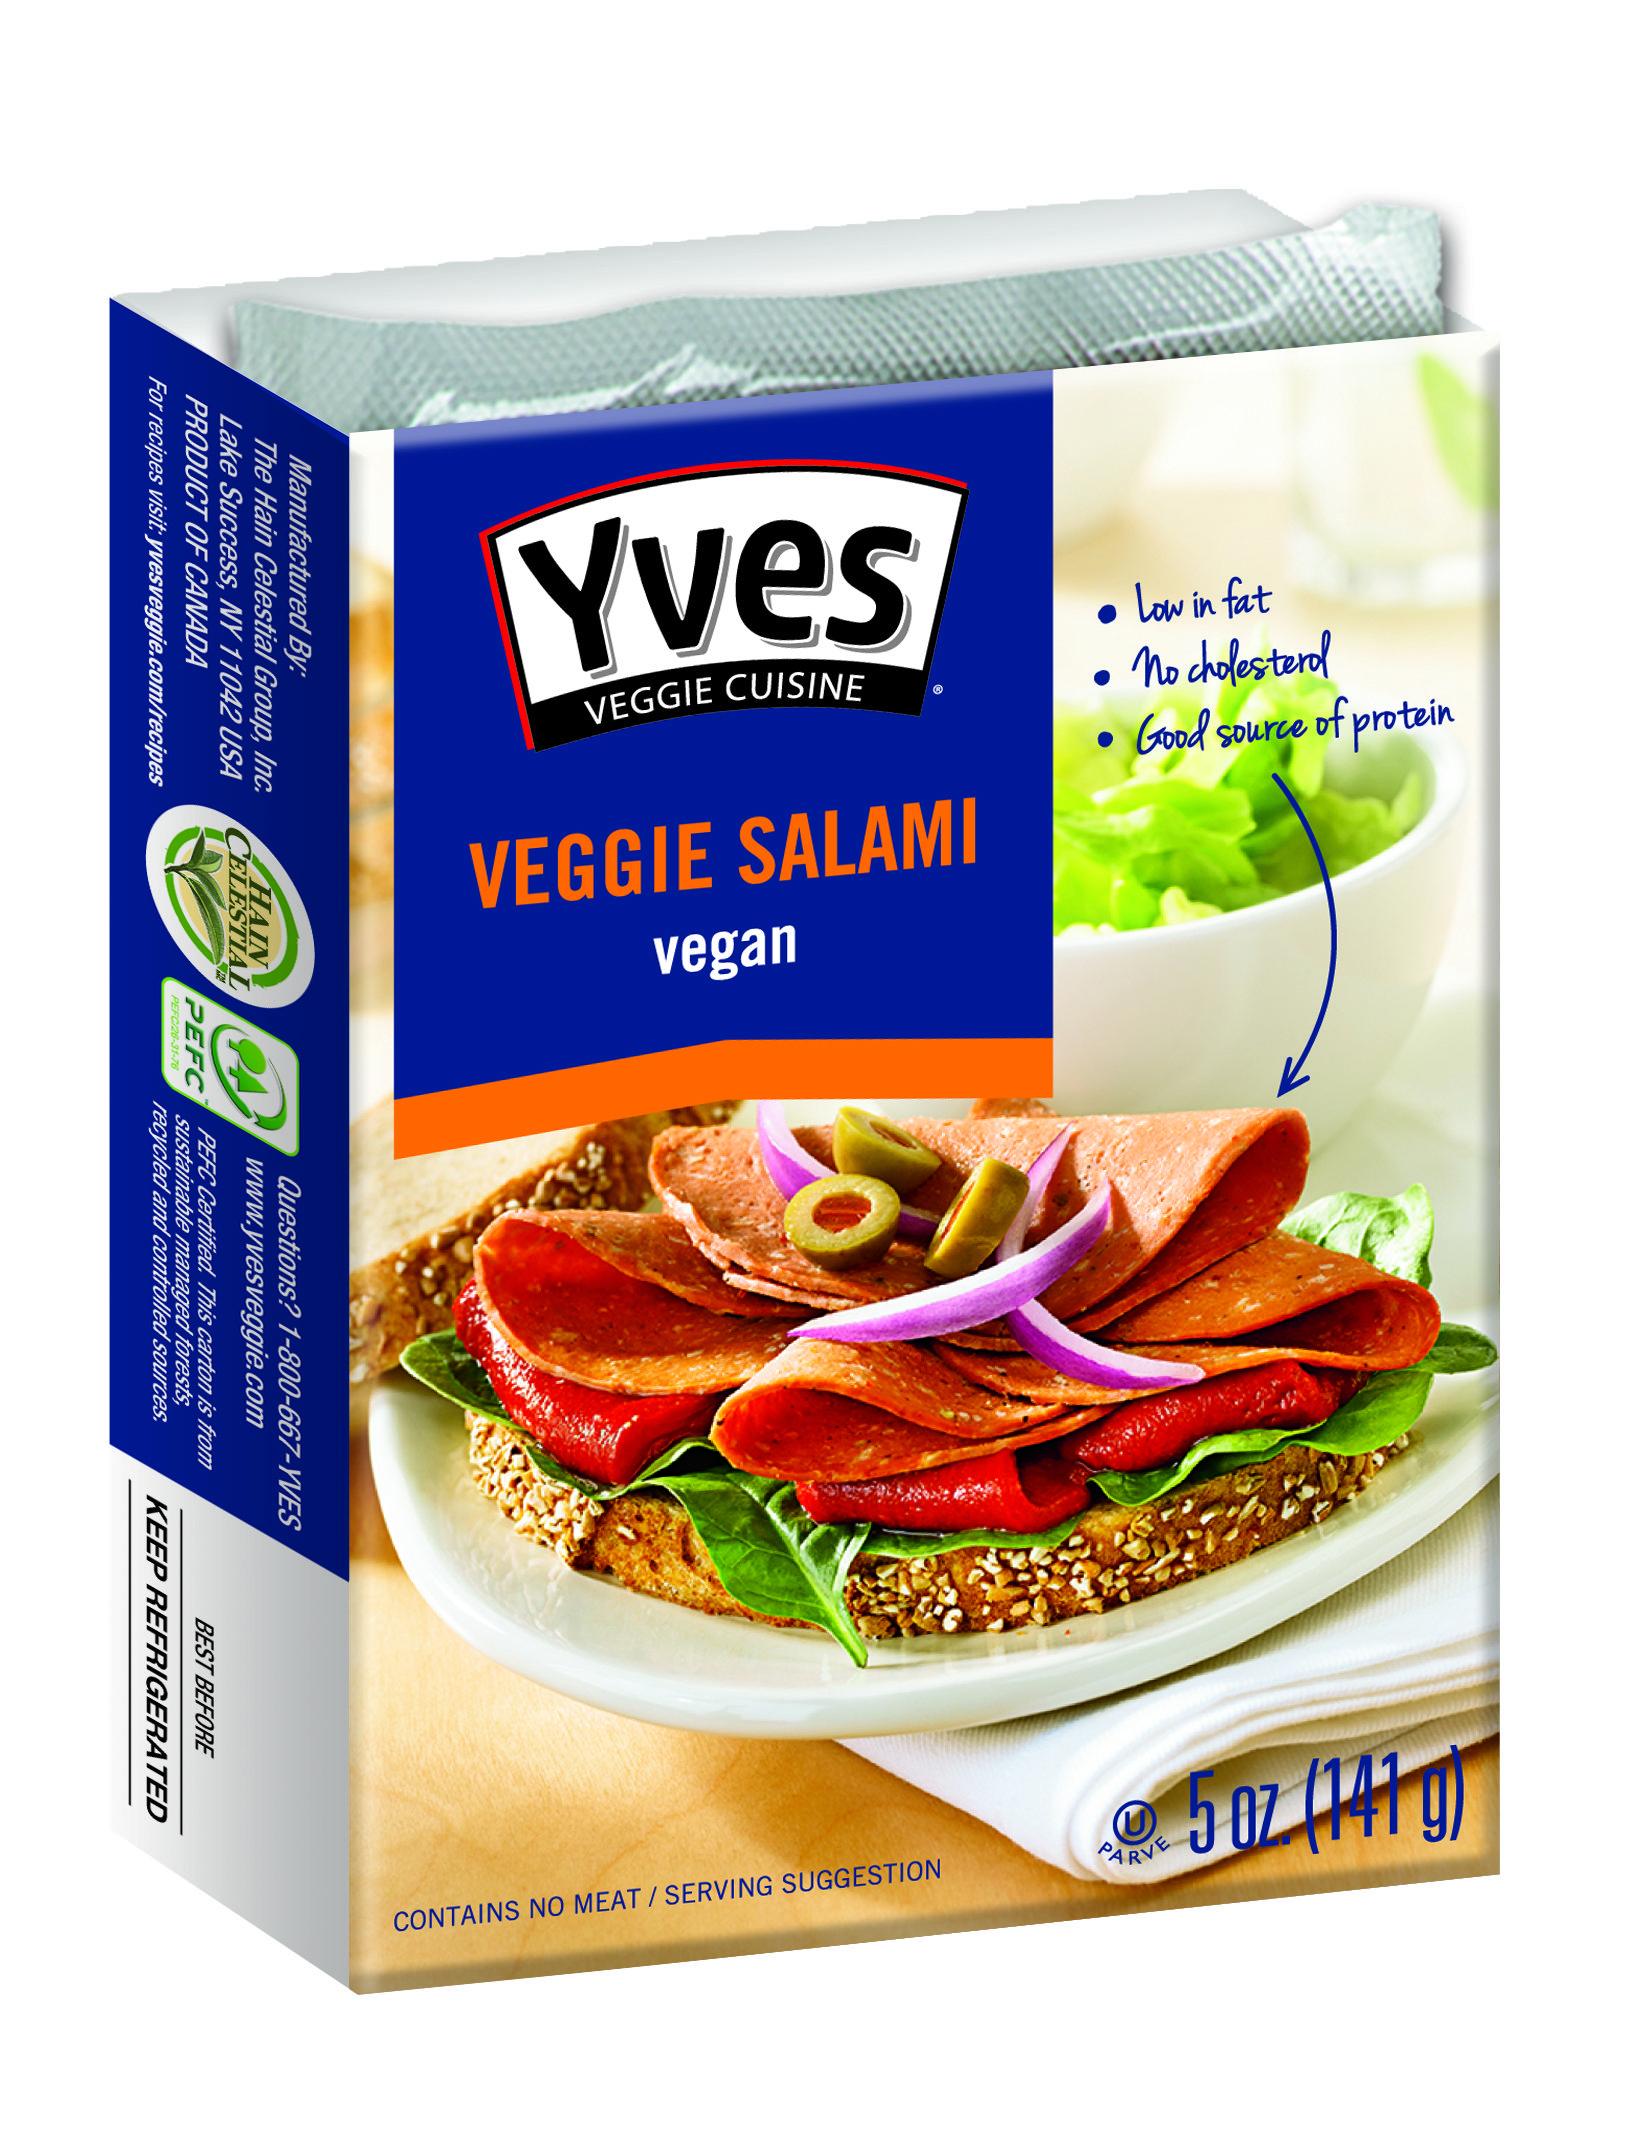 Frieda's Specialty Produce - Yves Veggie Salami